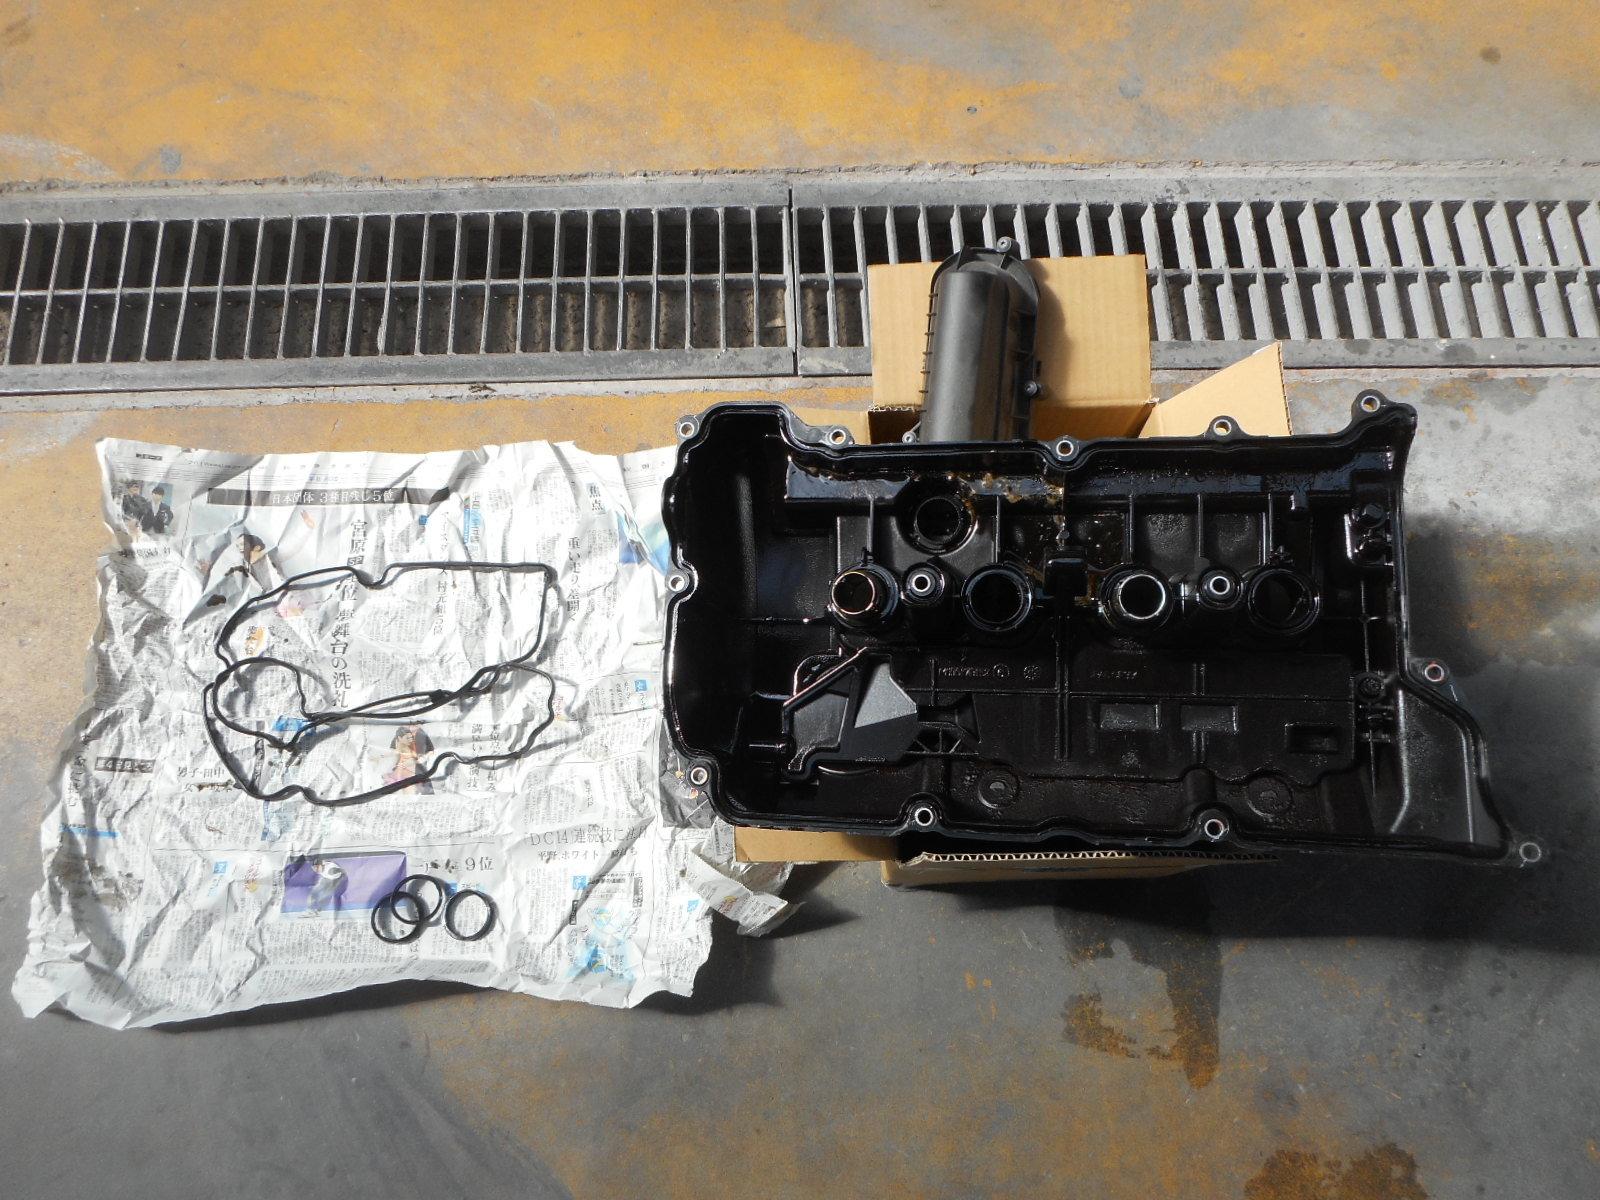 BMWミニ (R56)クラブマン エンジン不調修理(イグニッションコイル他)_c0267693_17412193.jpg